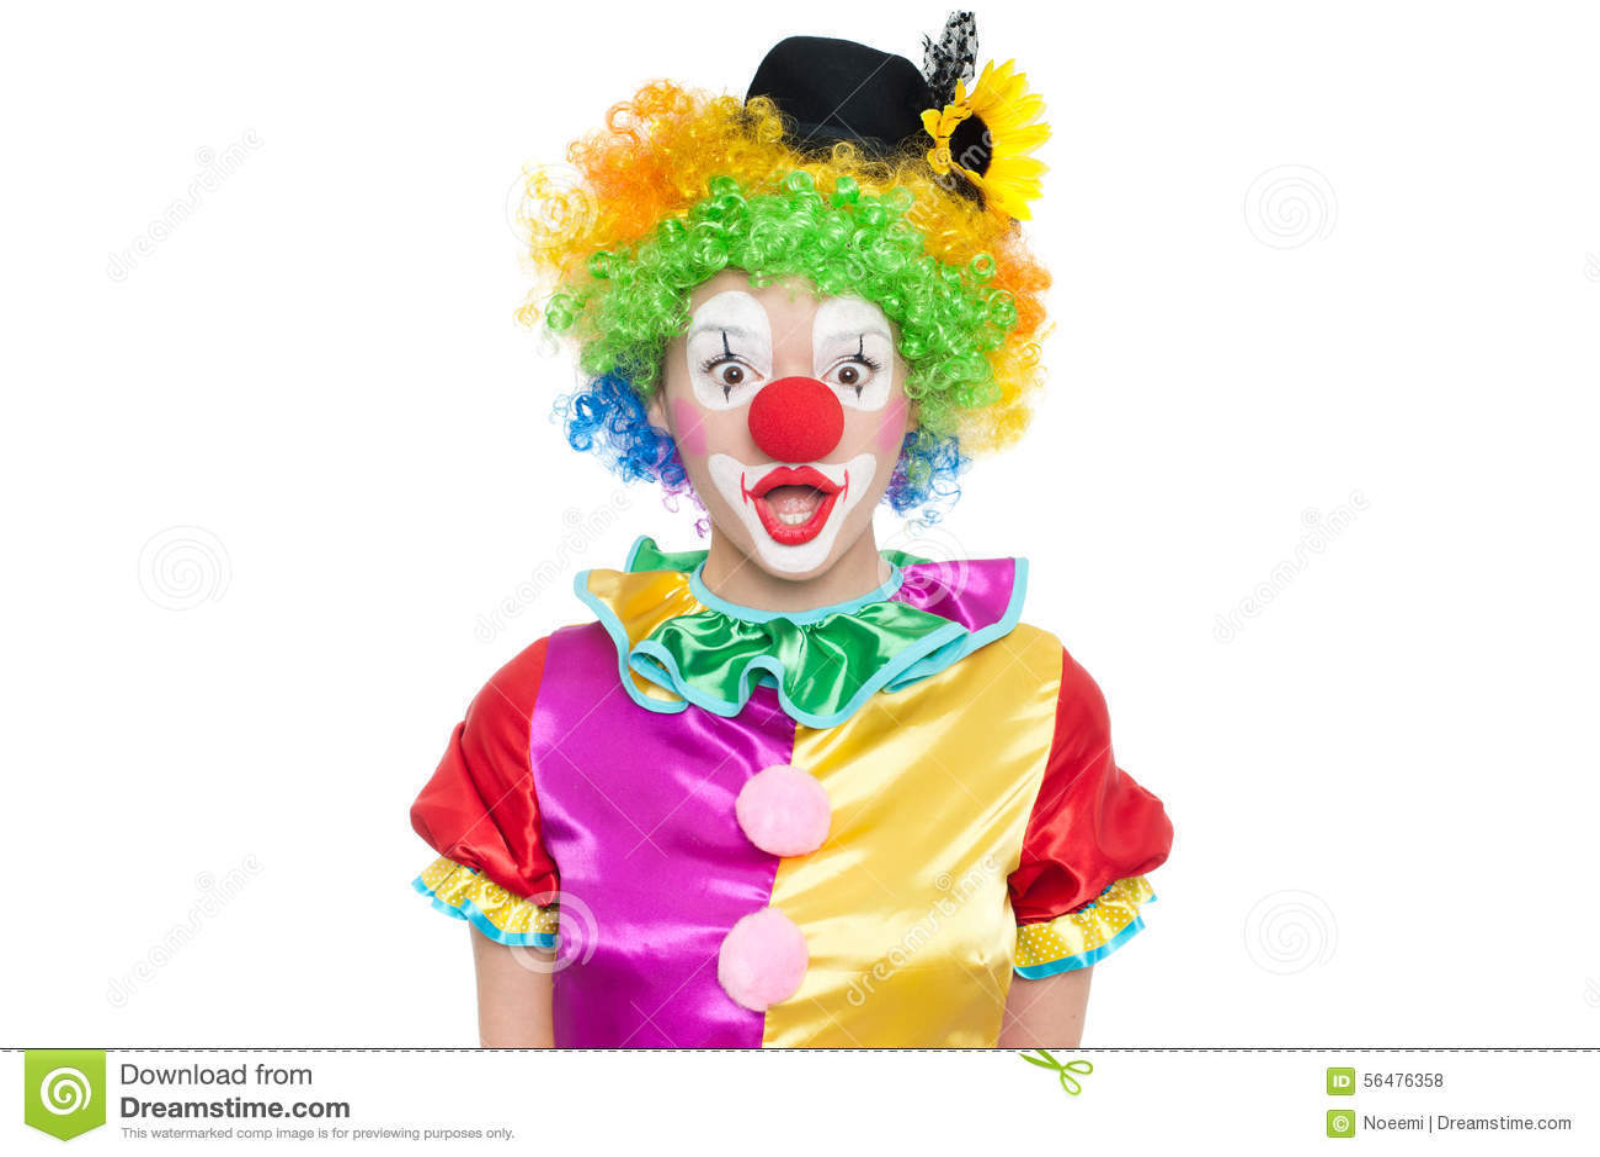 Clown drôle - colorfullportrait